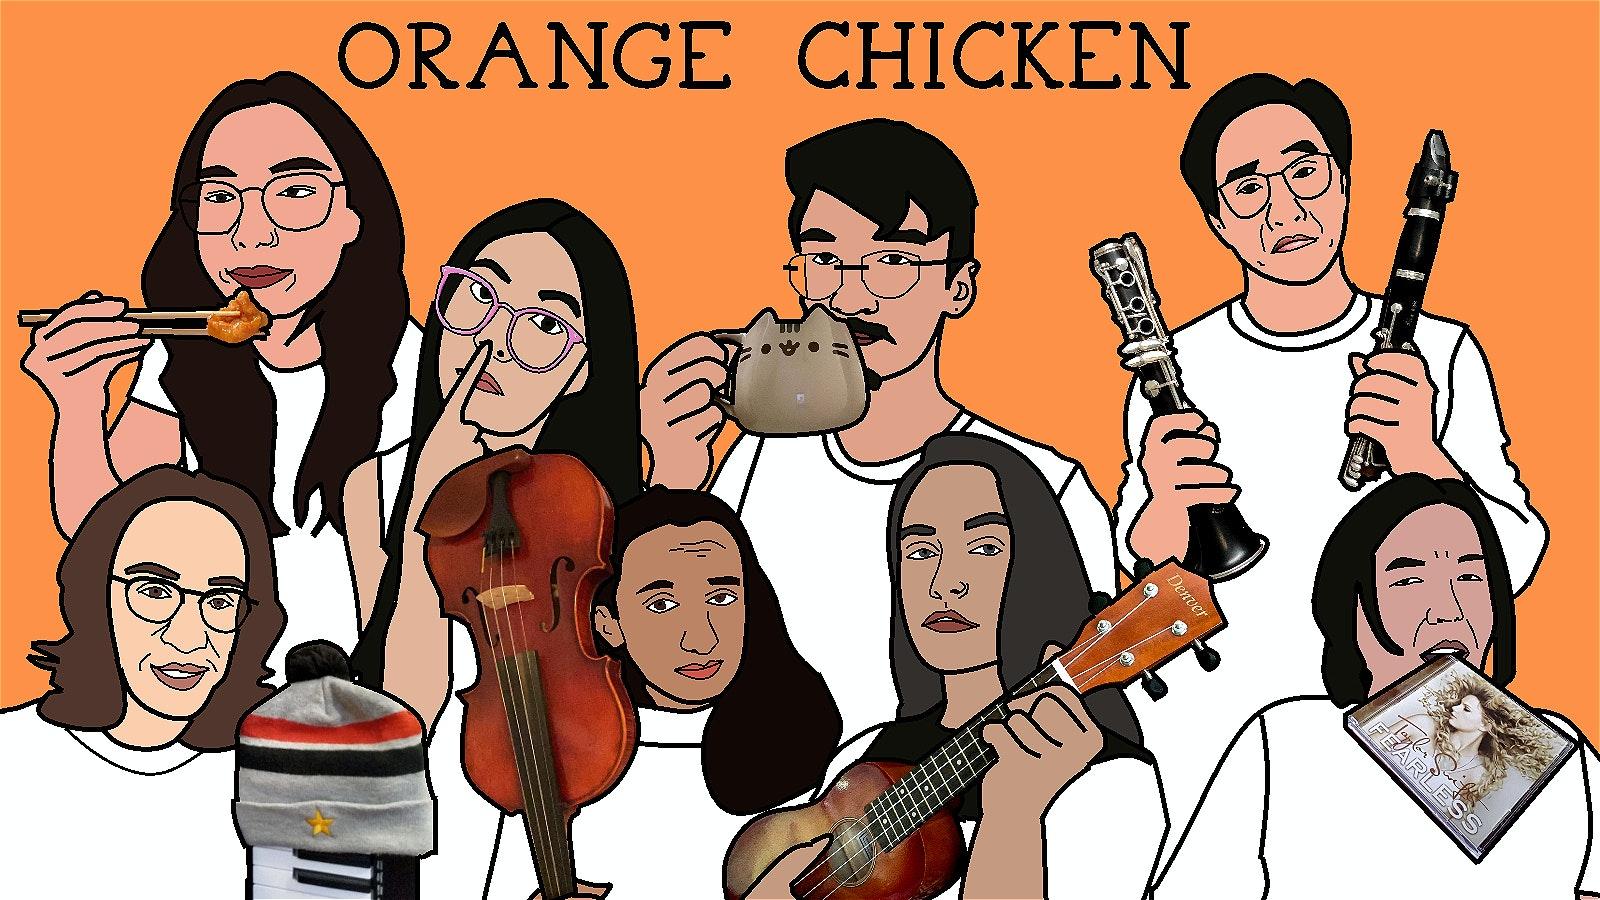 Orange Chicken: A Sketch Show